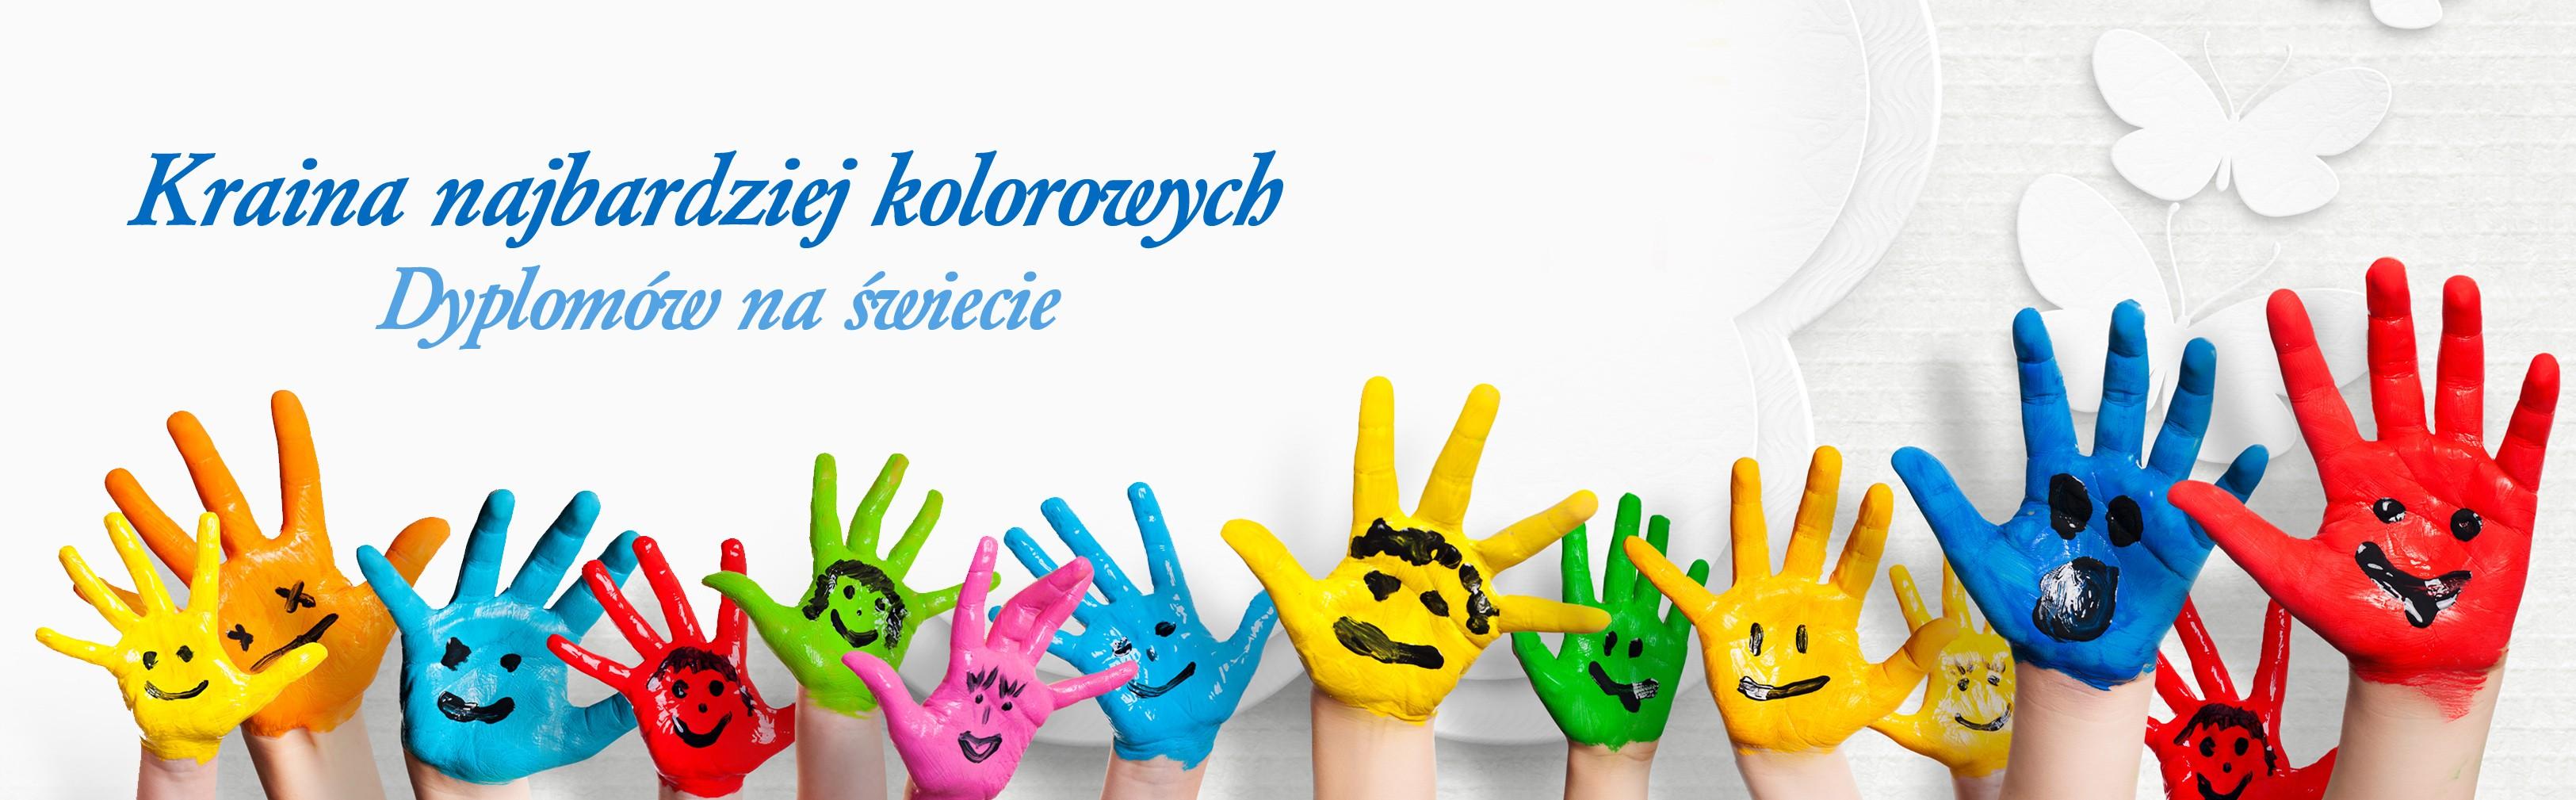 Kraina_Najbardziej_Kolorowych_Dyplomow_Na_Swiecie